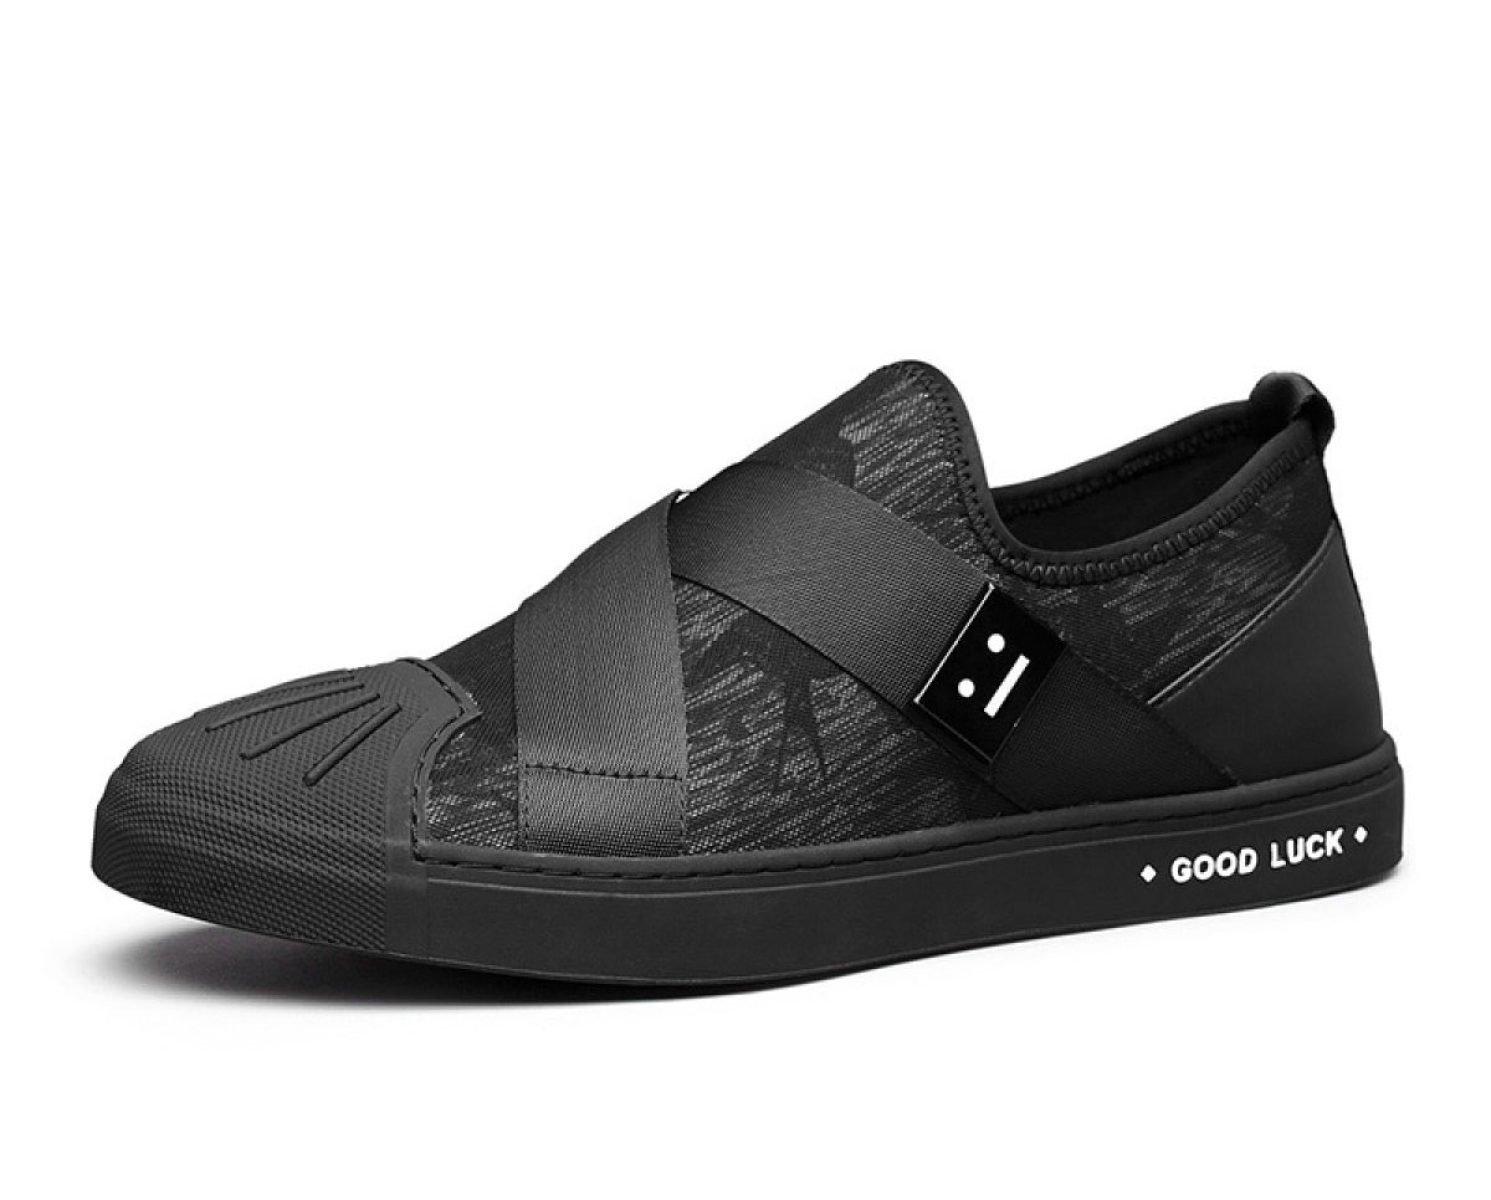 MUYII Zapatos De Lona Ocasionales De La Moda Clásica De Los Hombres Para Los Hombres Zapatos De Deslizamiento Antideslizantes De La Moda Del Cuero Llano Del Dedo Del Pie,Black-EU43 EU43|Black